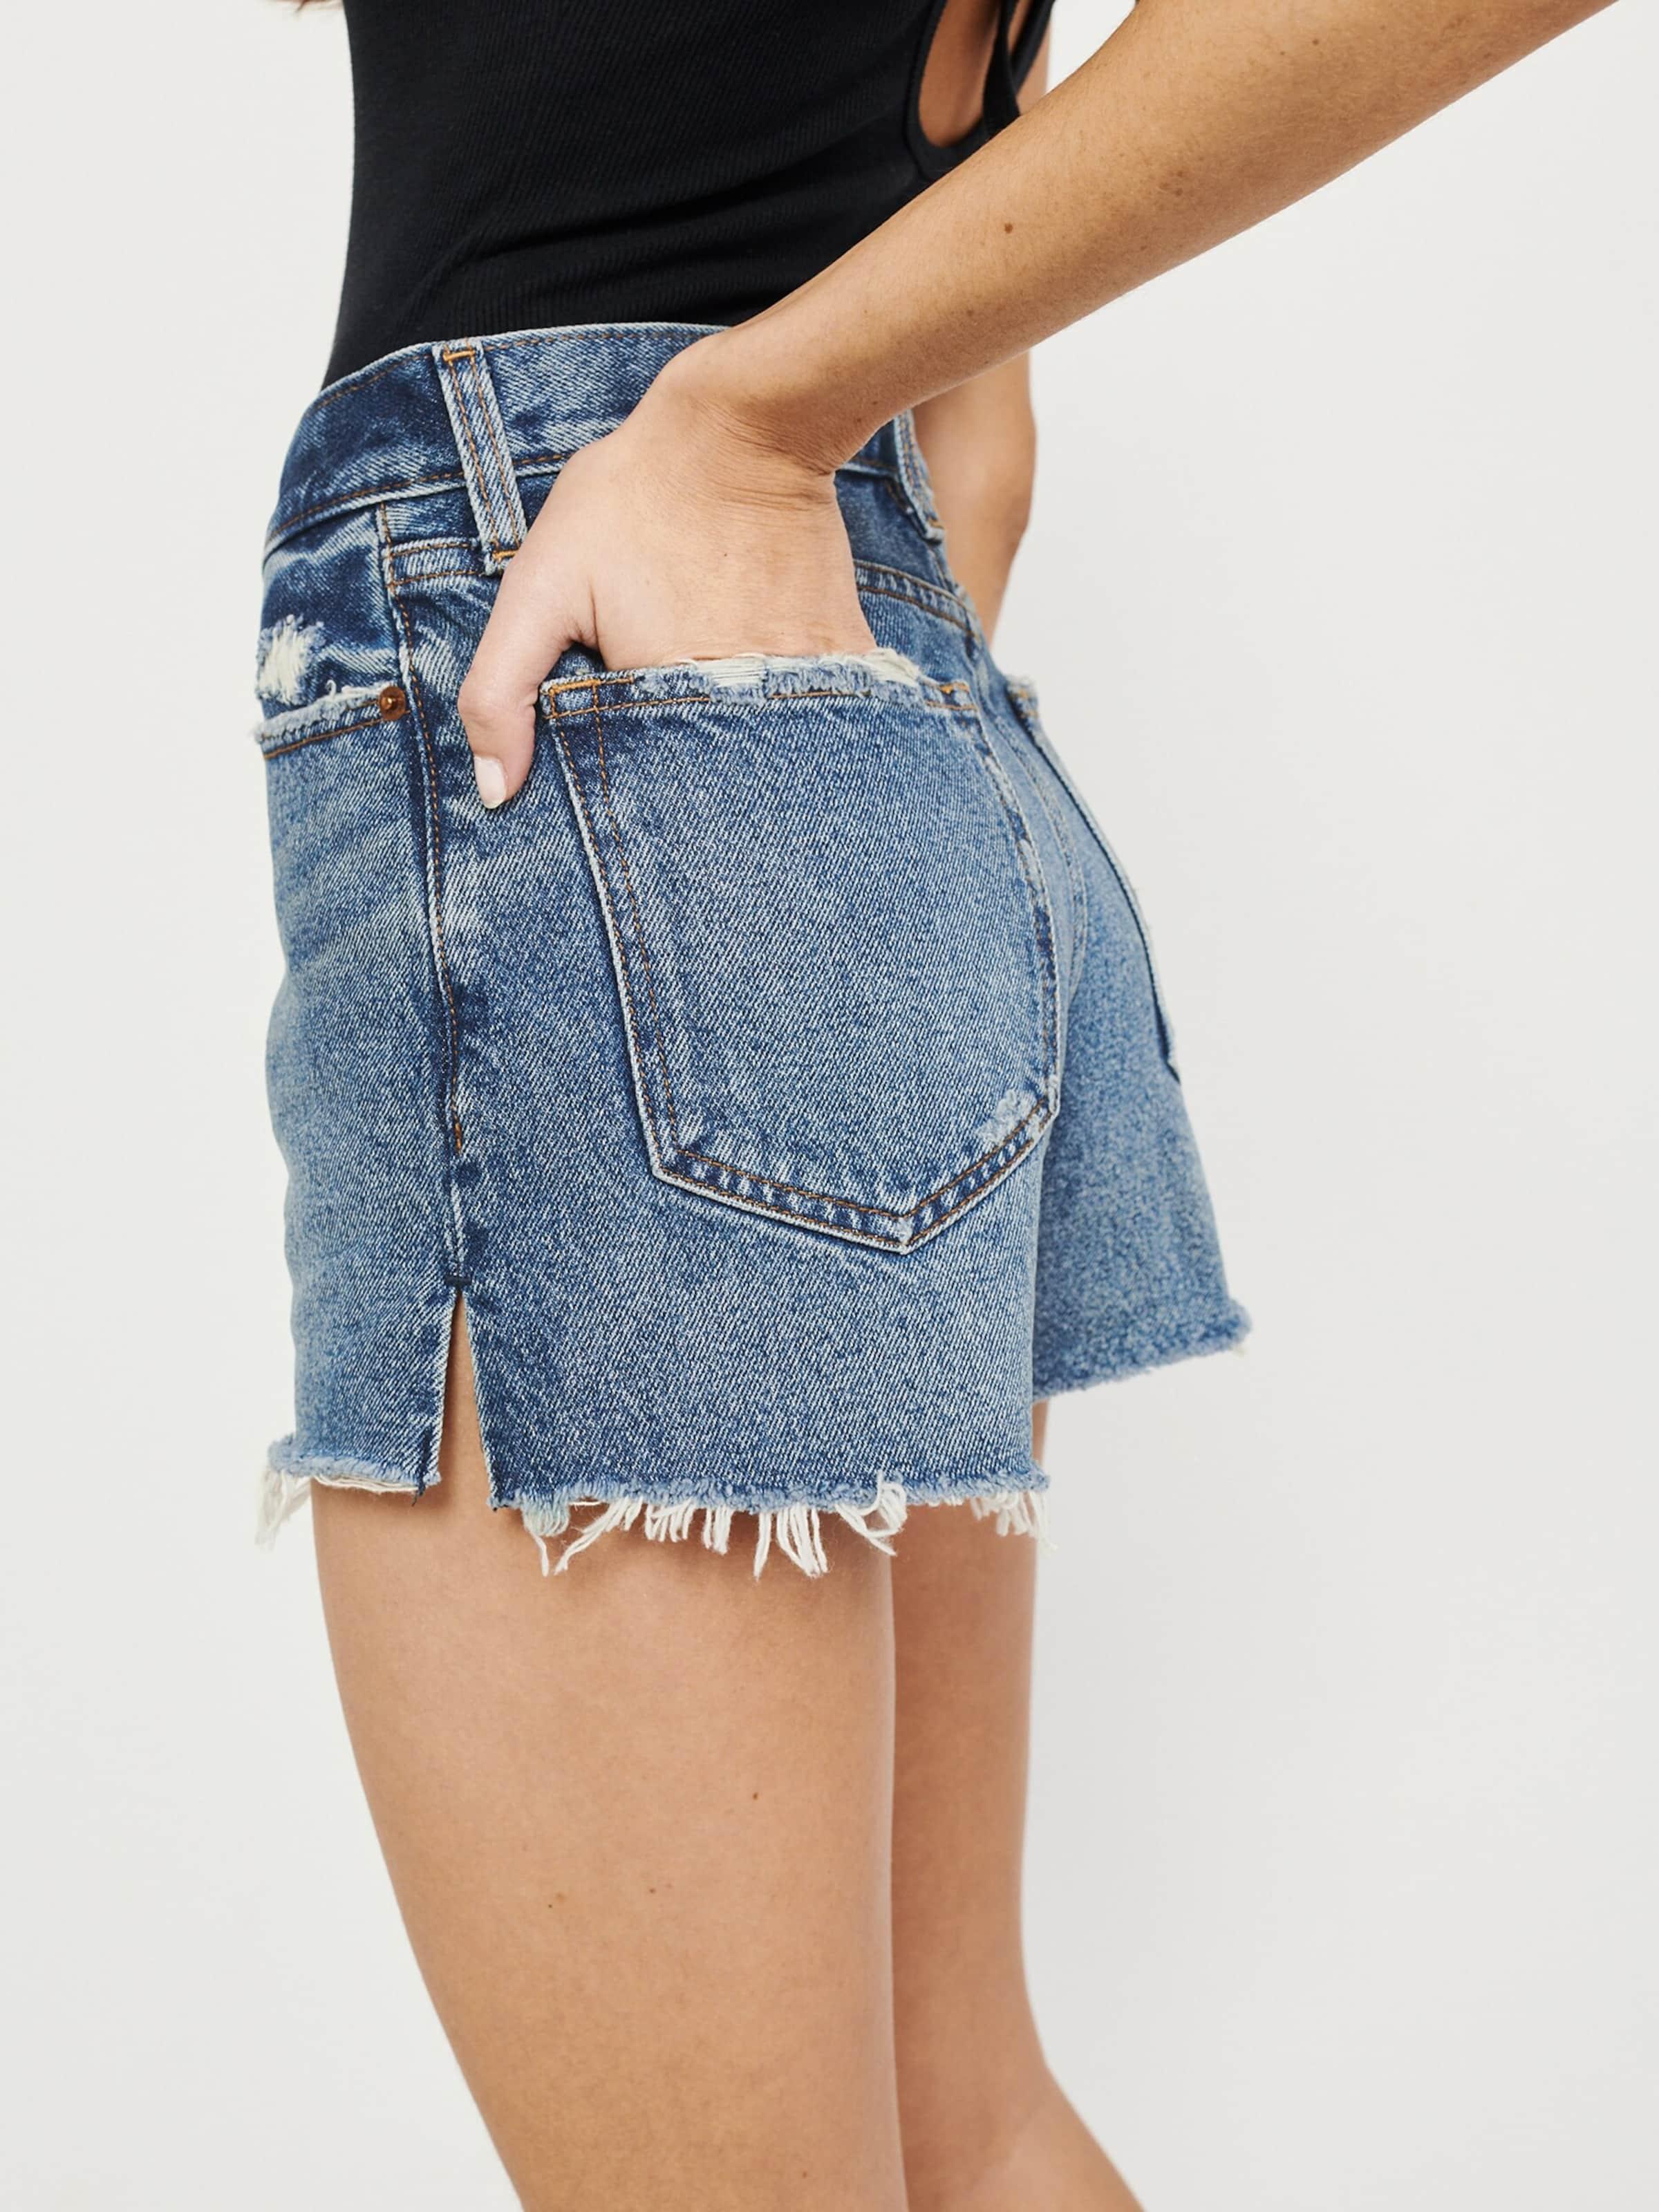 Denim Clean Hr' Fitch 'sb19 In Jeans Rigid Abercrombieamp; dark Blue 1JTFlKc